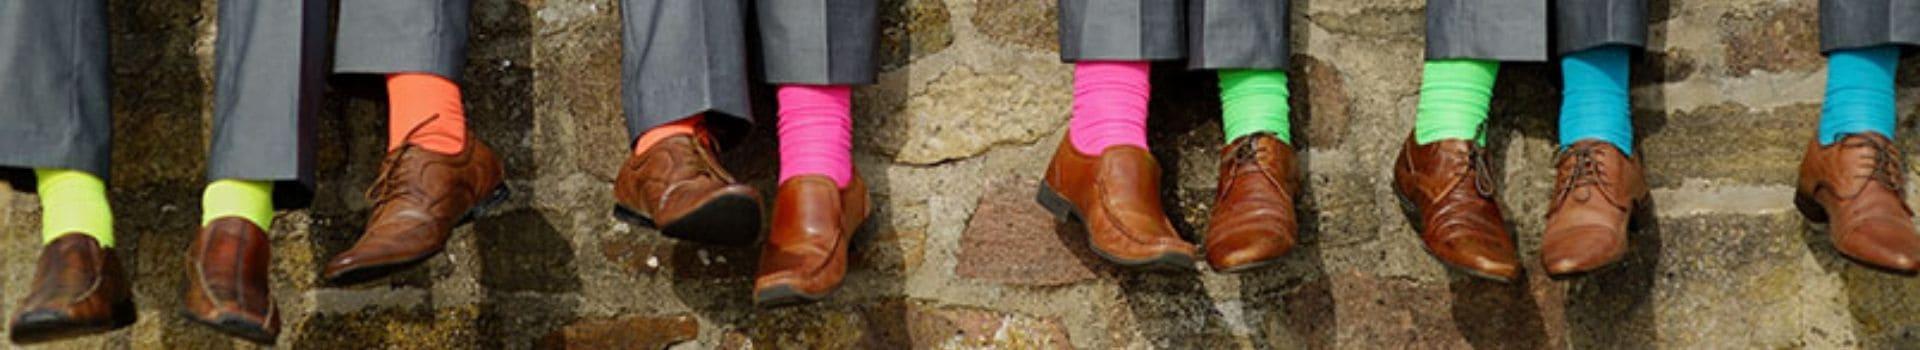 produzione calze uomo polsino inglese